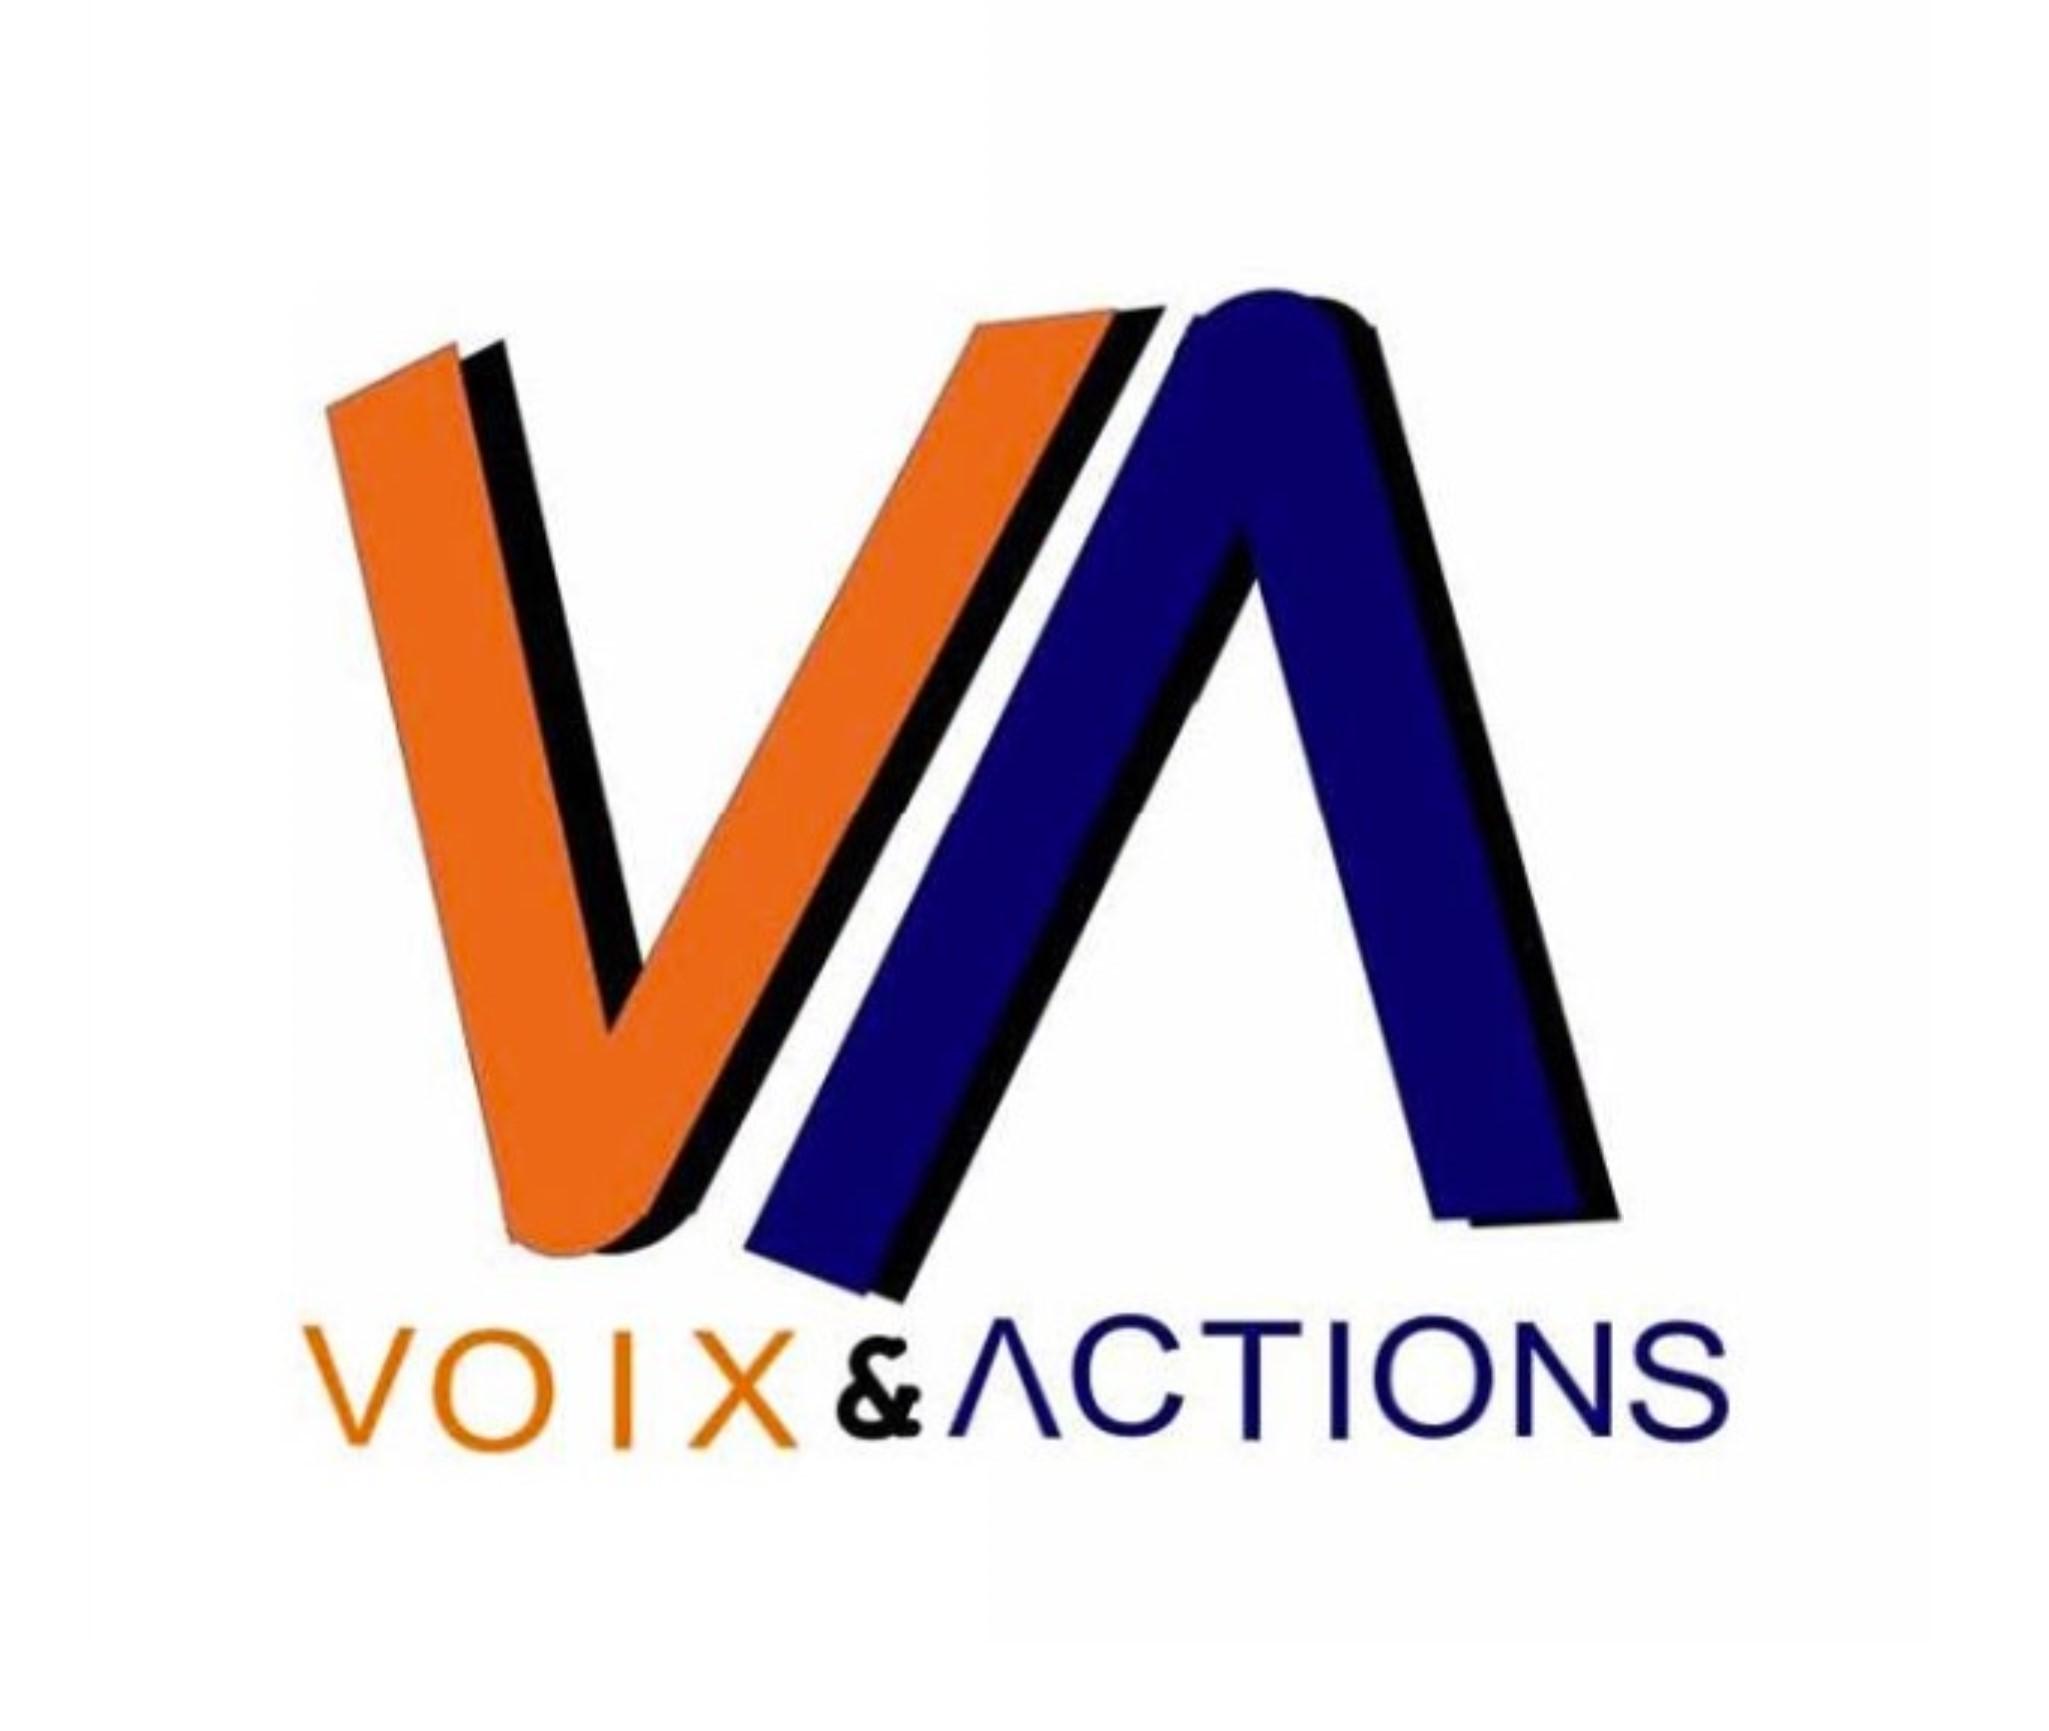 Voix & Actions